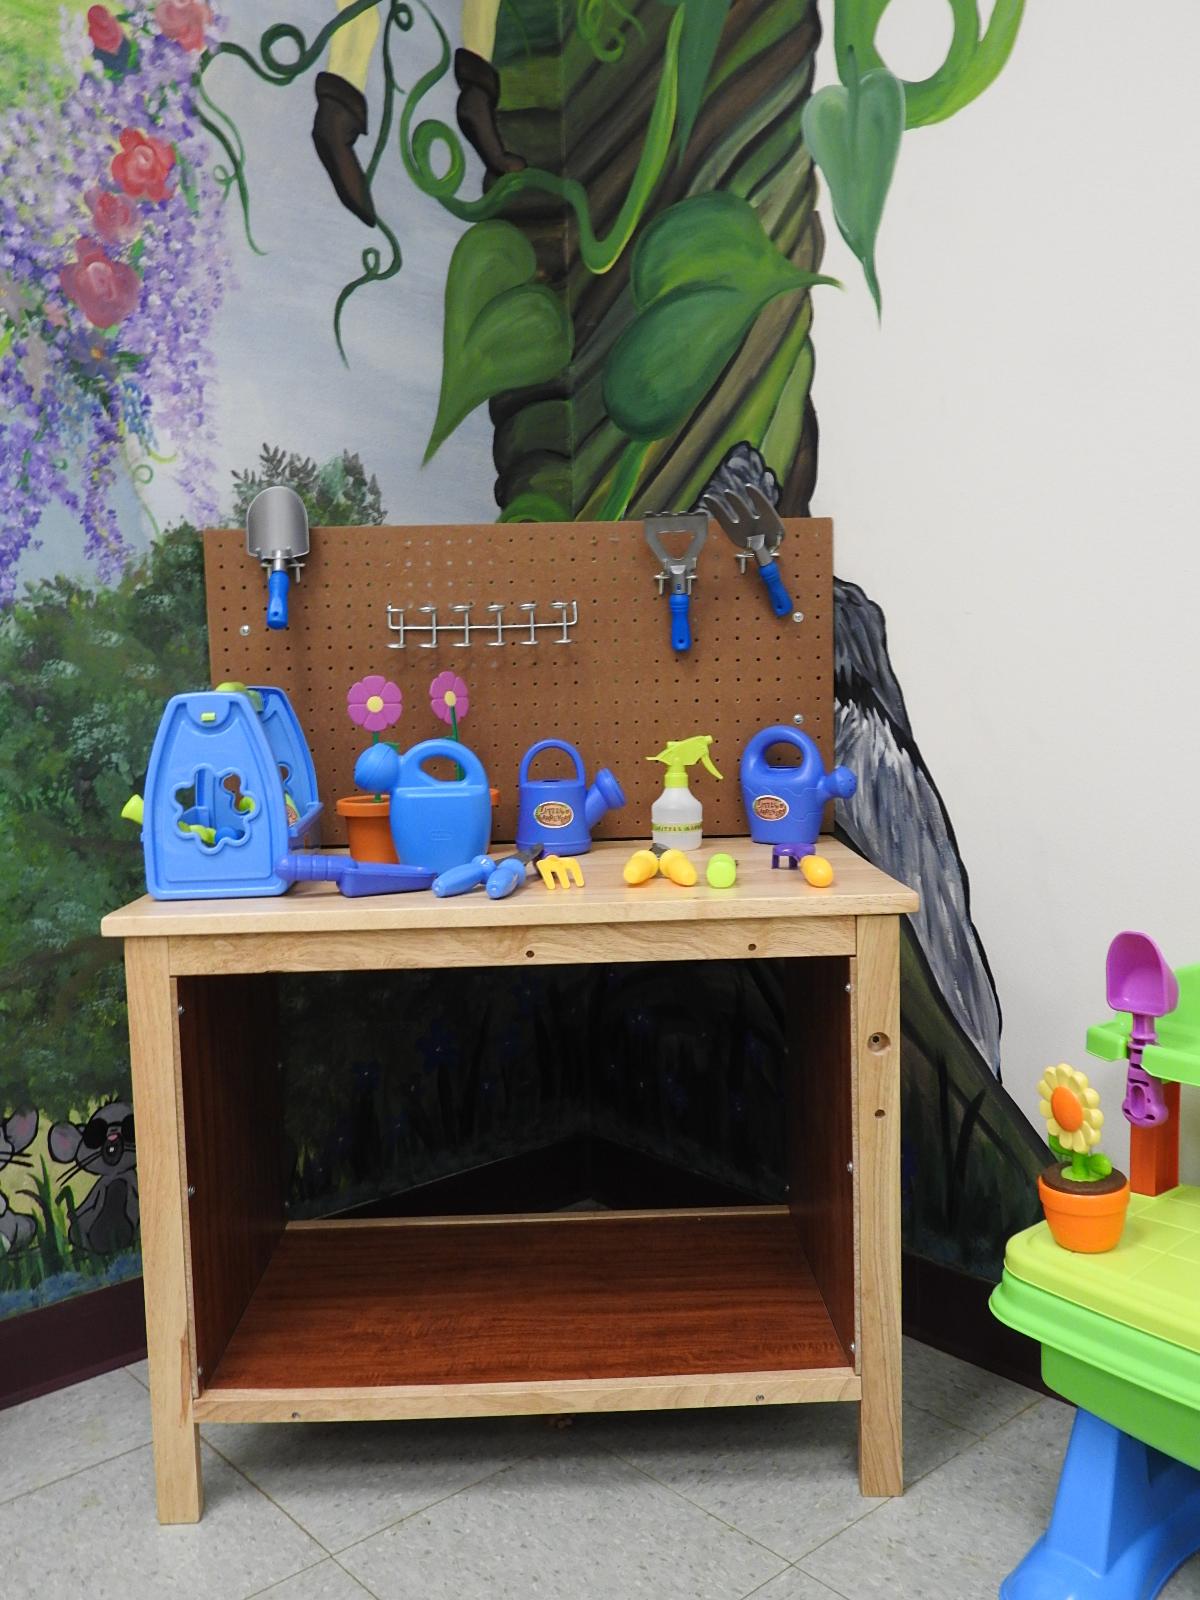 planting-bench